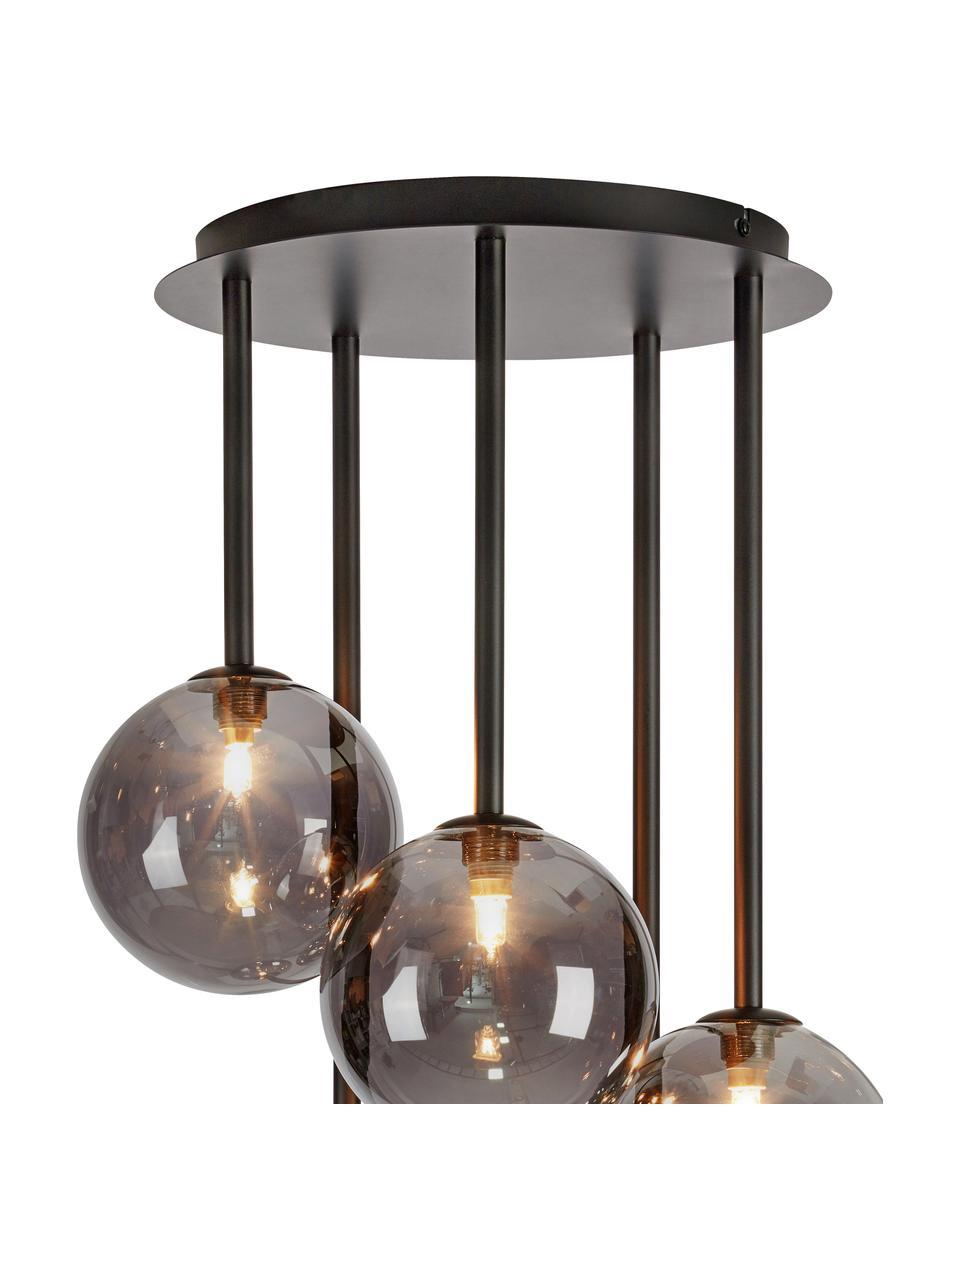 Pendelleuchte Universe aus verspiegeltem Glas, Lampenschirm: Glas, Baldachin: Metall, beschichtet, Schwarz, Ø 40 x H 68 cm